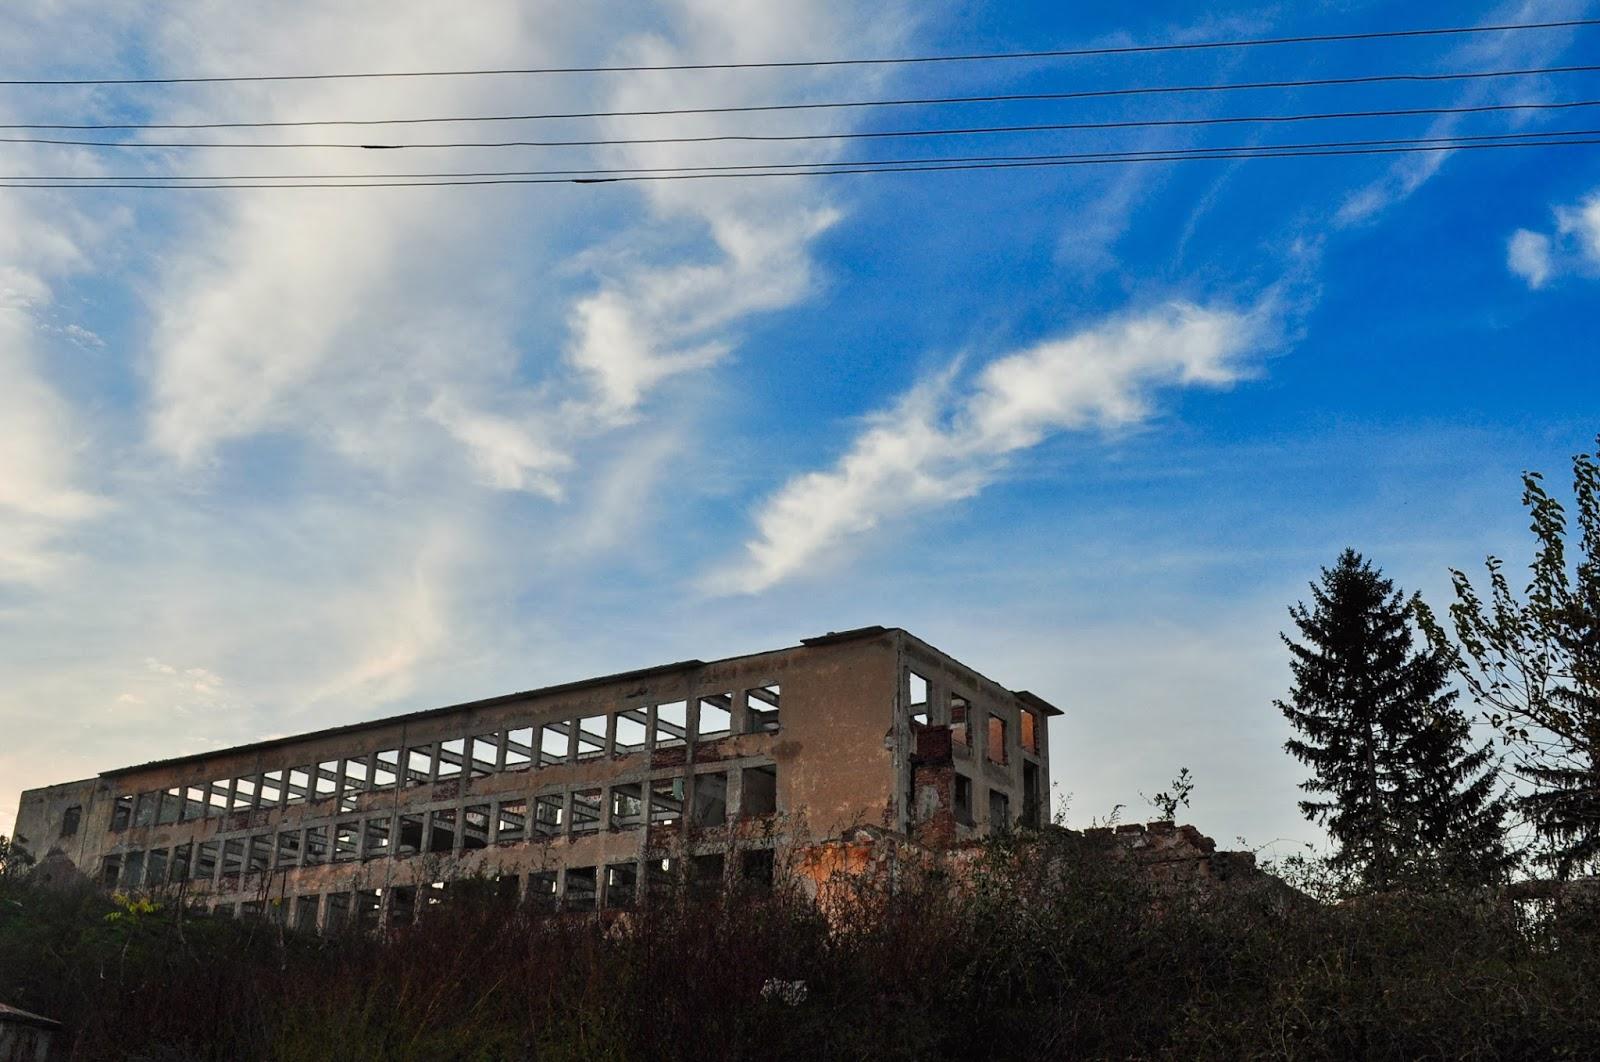 Поредният красноречив паметник на дългия и мъчителен демократичен преход в България. Някогашният най-голям завод за електромери на Балканите стърчи самотен и ненужен в местността Калето над град Никопол.